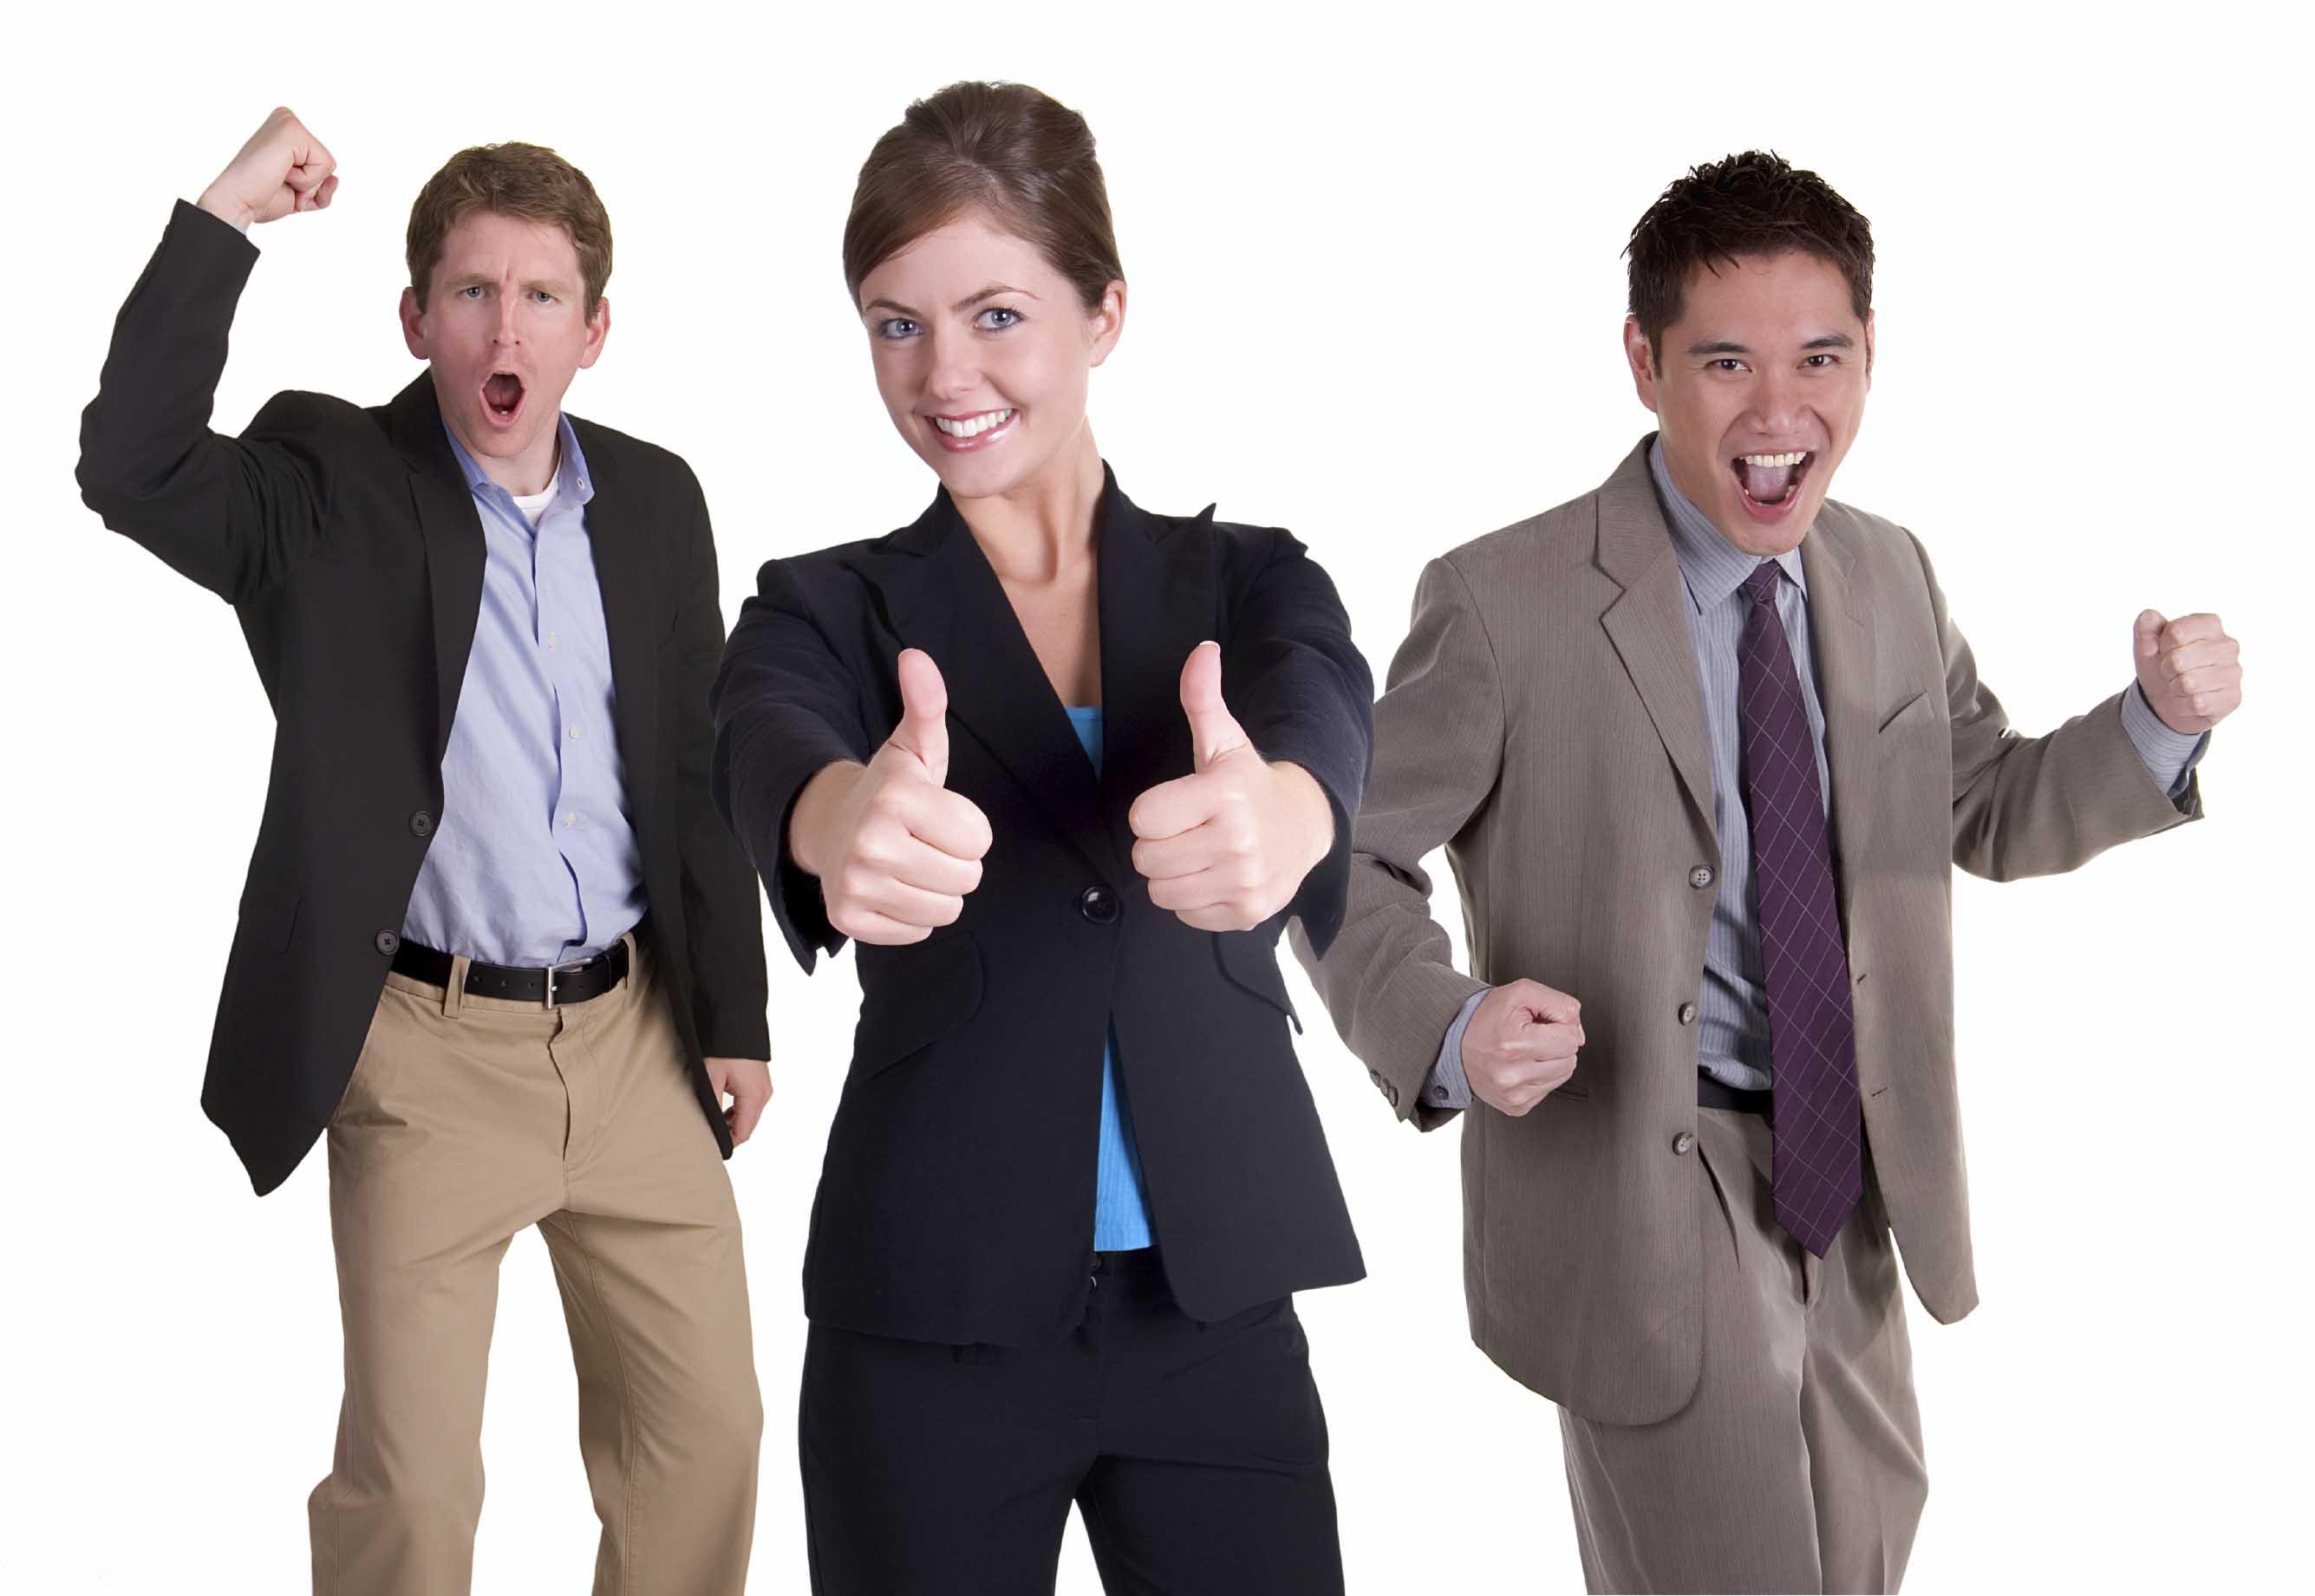 Ofiste Hareketlilik Nasıl Sağlanır?